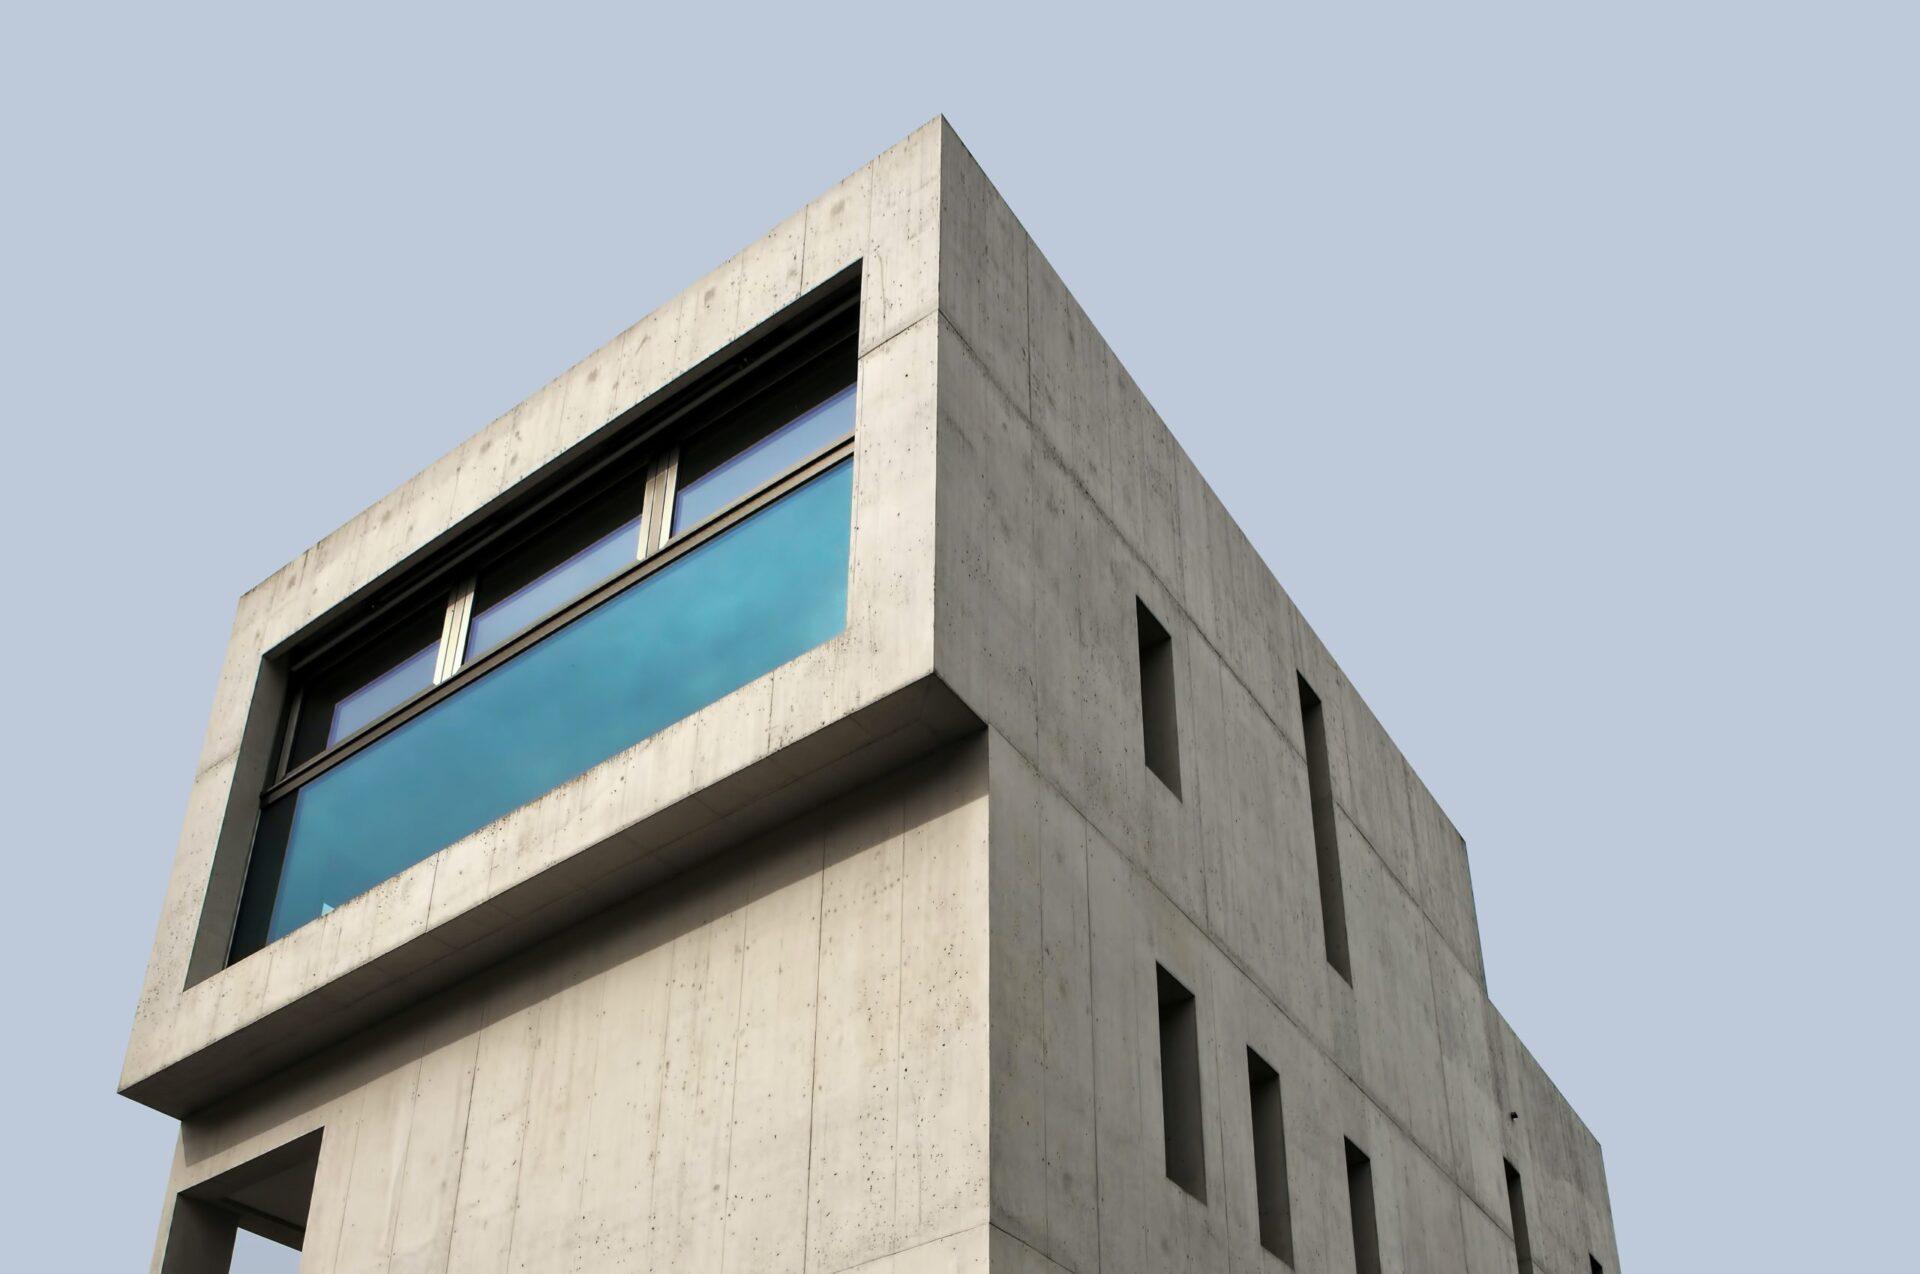 まとめ【鉄筋コンクリート造の耐用年数は47年以上あるが、メンテナンスが必須】